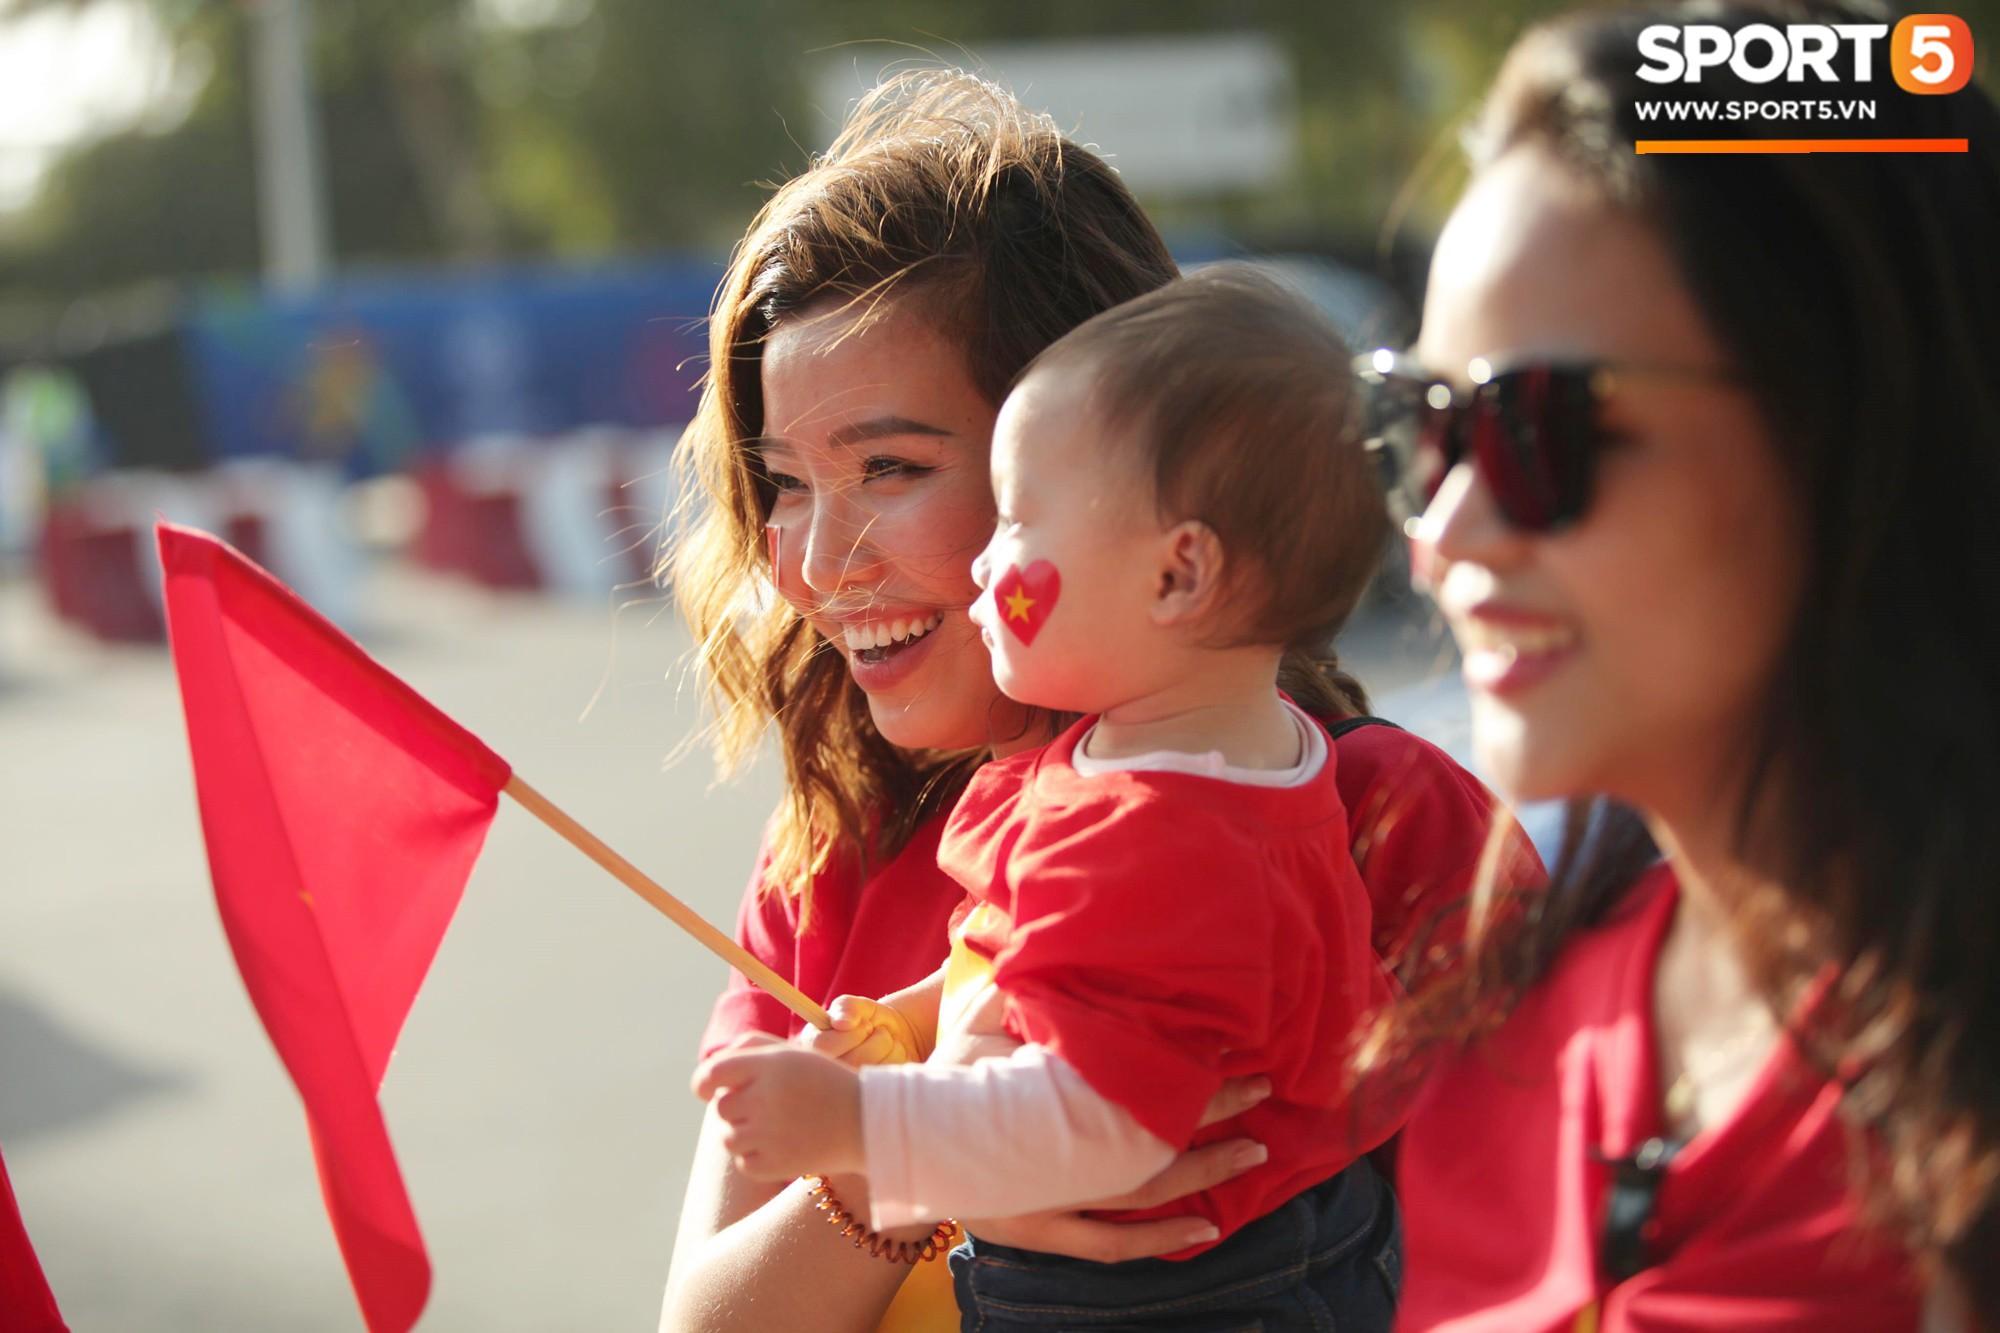 Dàn fangirl xinh đẹp tiếp lửa cho đội tuyển Việt Nam trước trận gặp Iraq-7